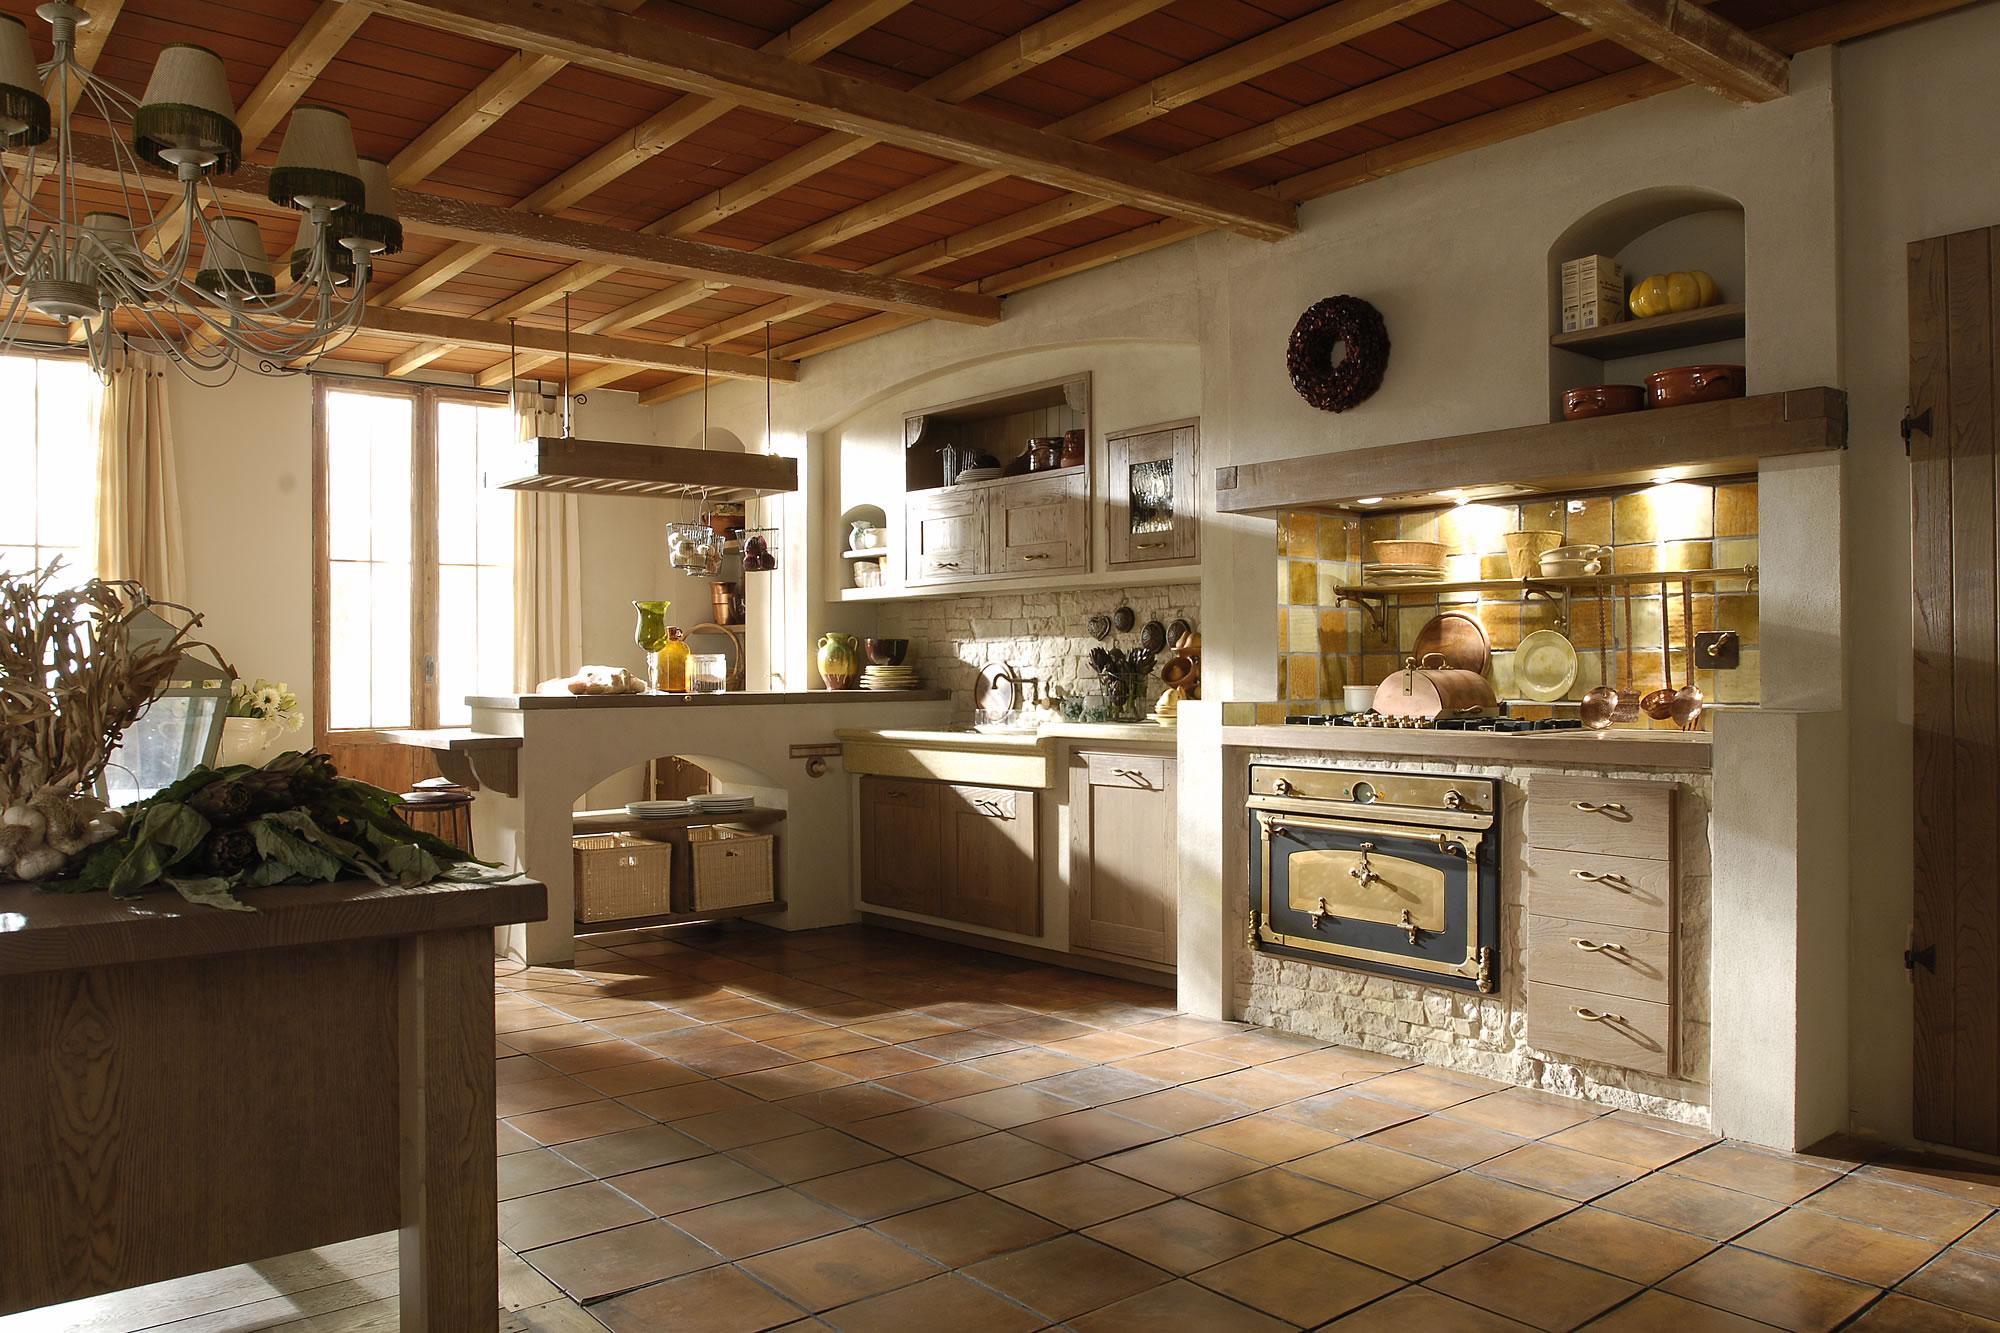 Cucine in muratura: 15 idee meravigliose per ispirarvi!